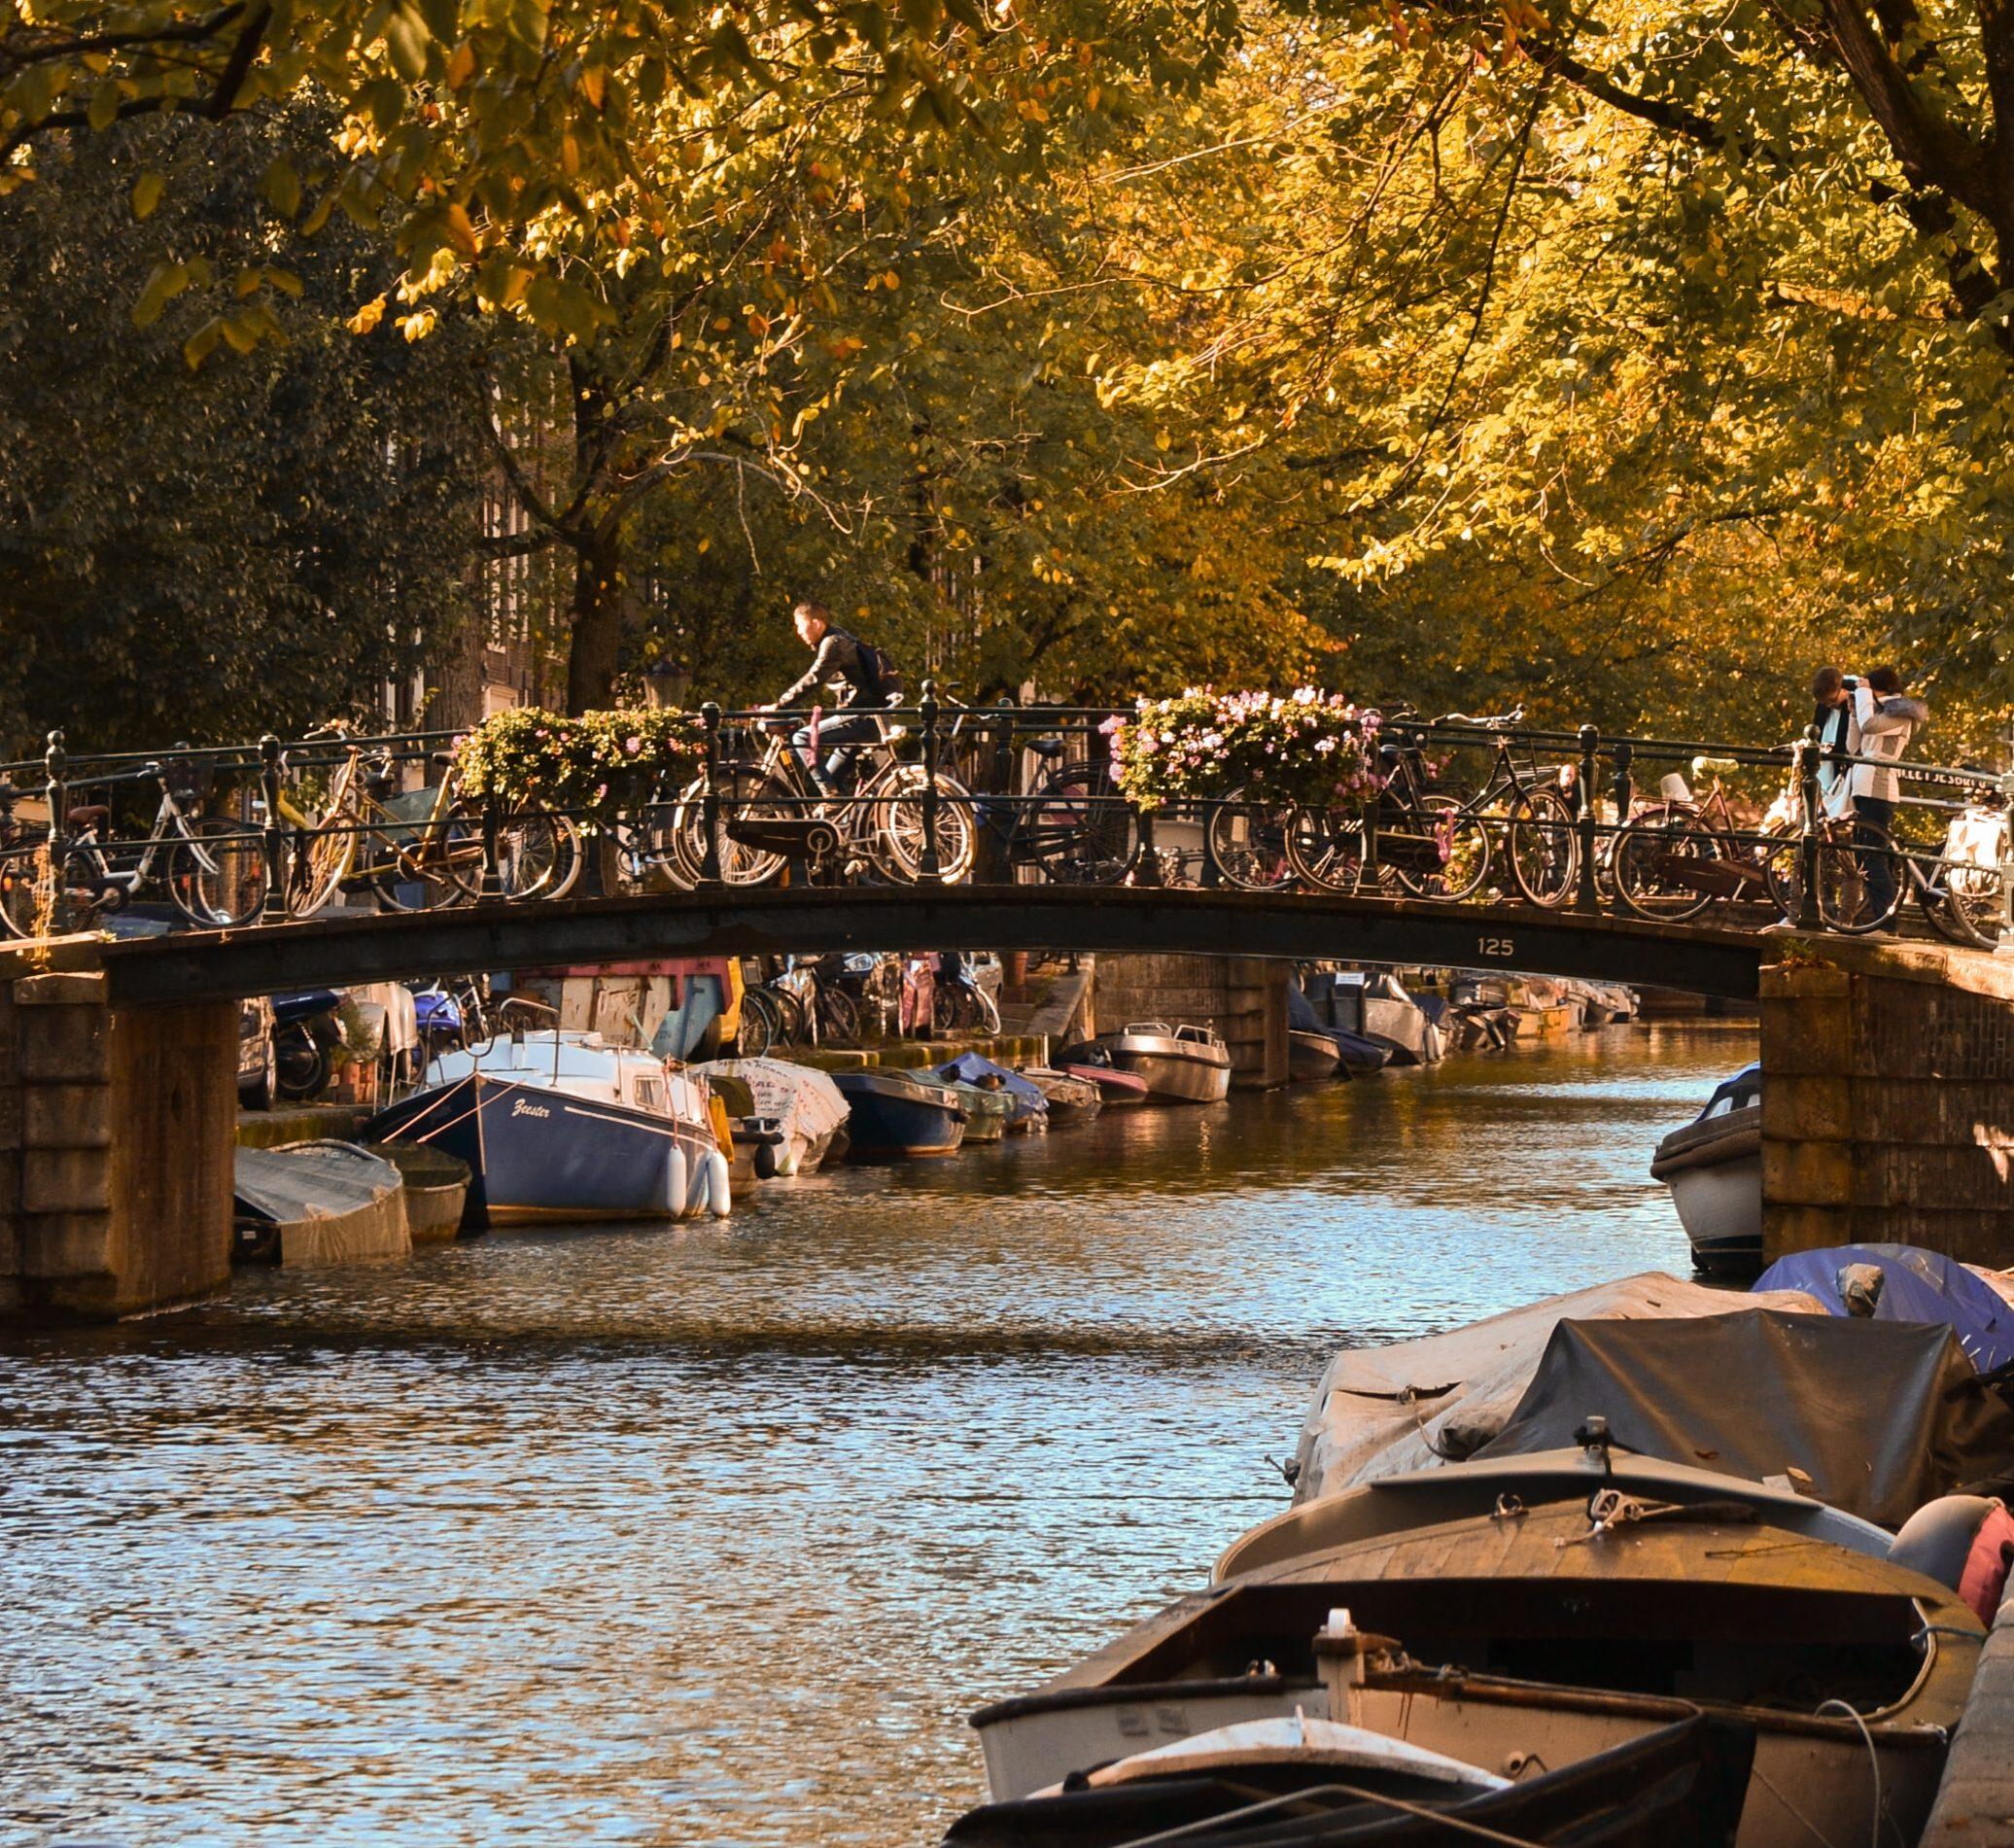 varen door amsterdam - boot huren in amsterdam - sloep huren in amsterdam - leuke bootuitjes - varen door de grachten - cocktailworkshop op het water - borrelboot huren - bootuitjes